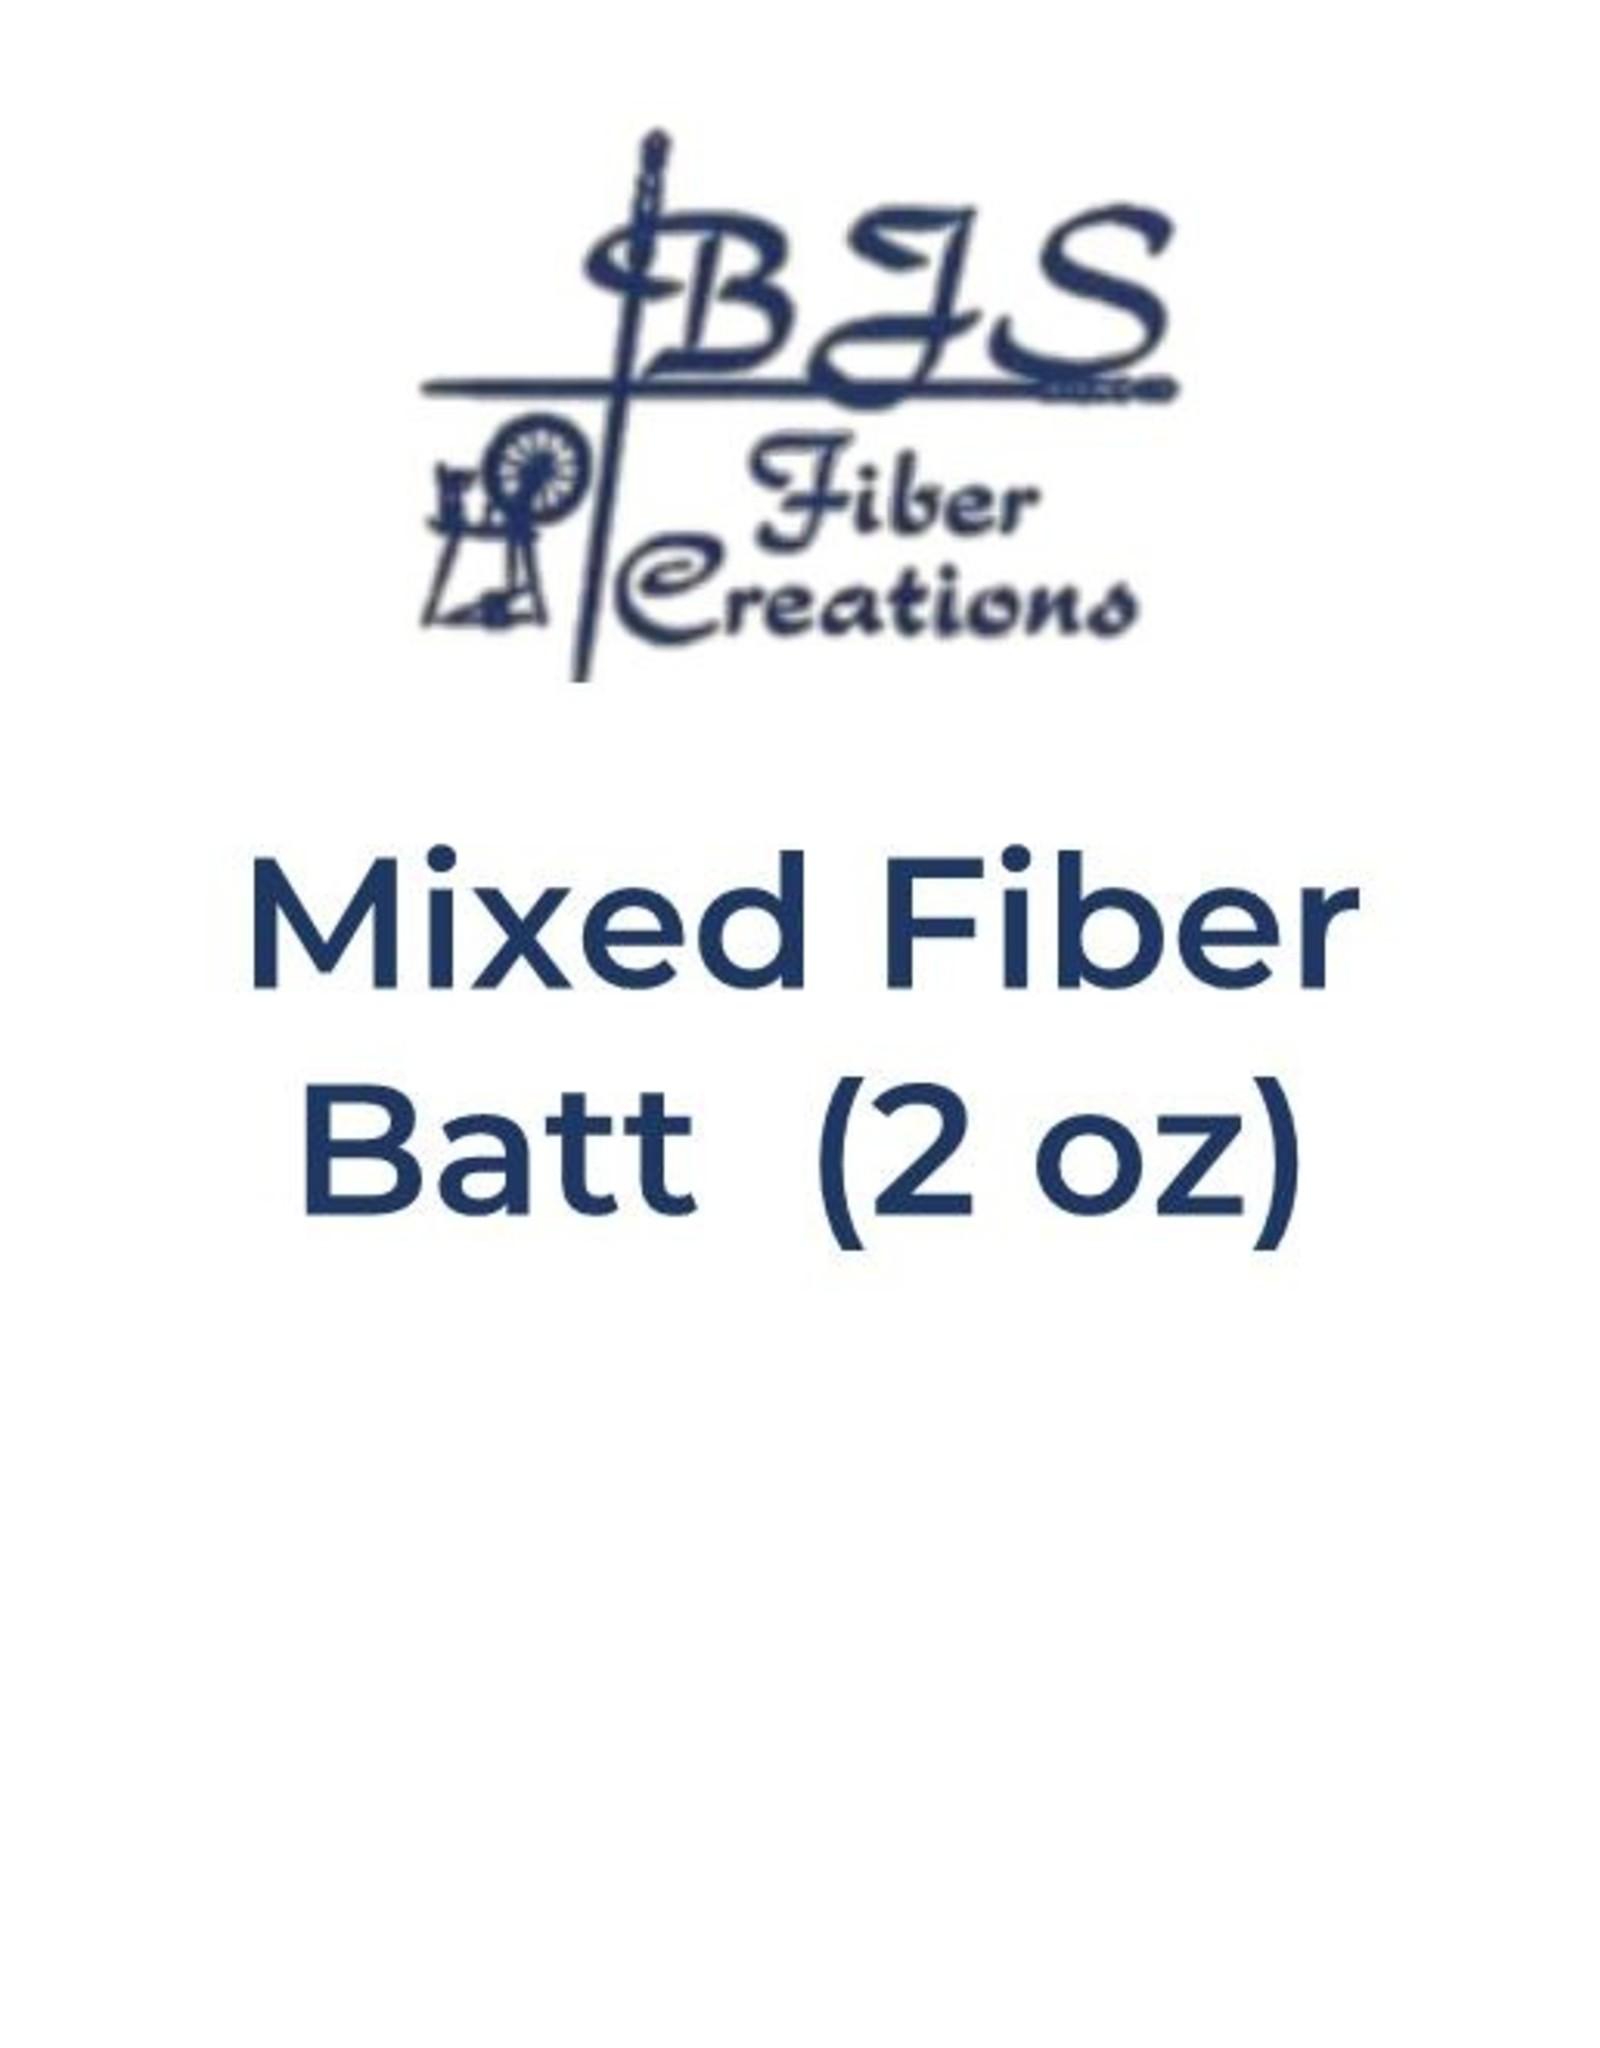 BJS Trunk Show Mixed Fiber Batts (2 oz) BATT #23